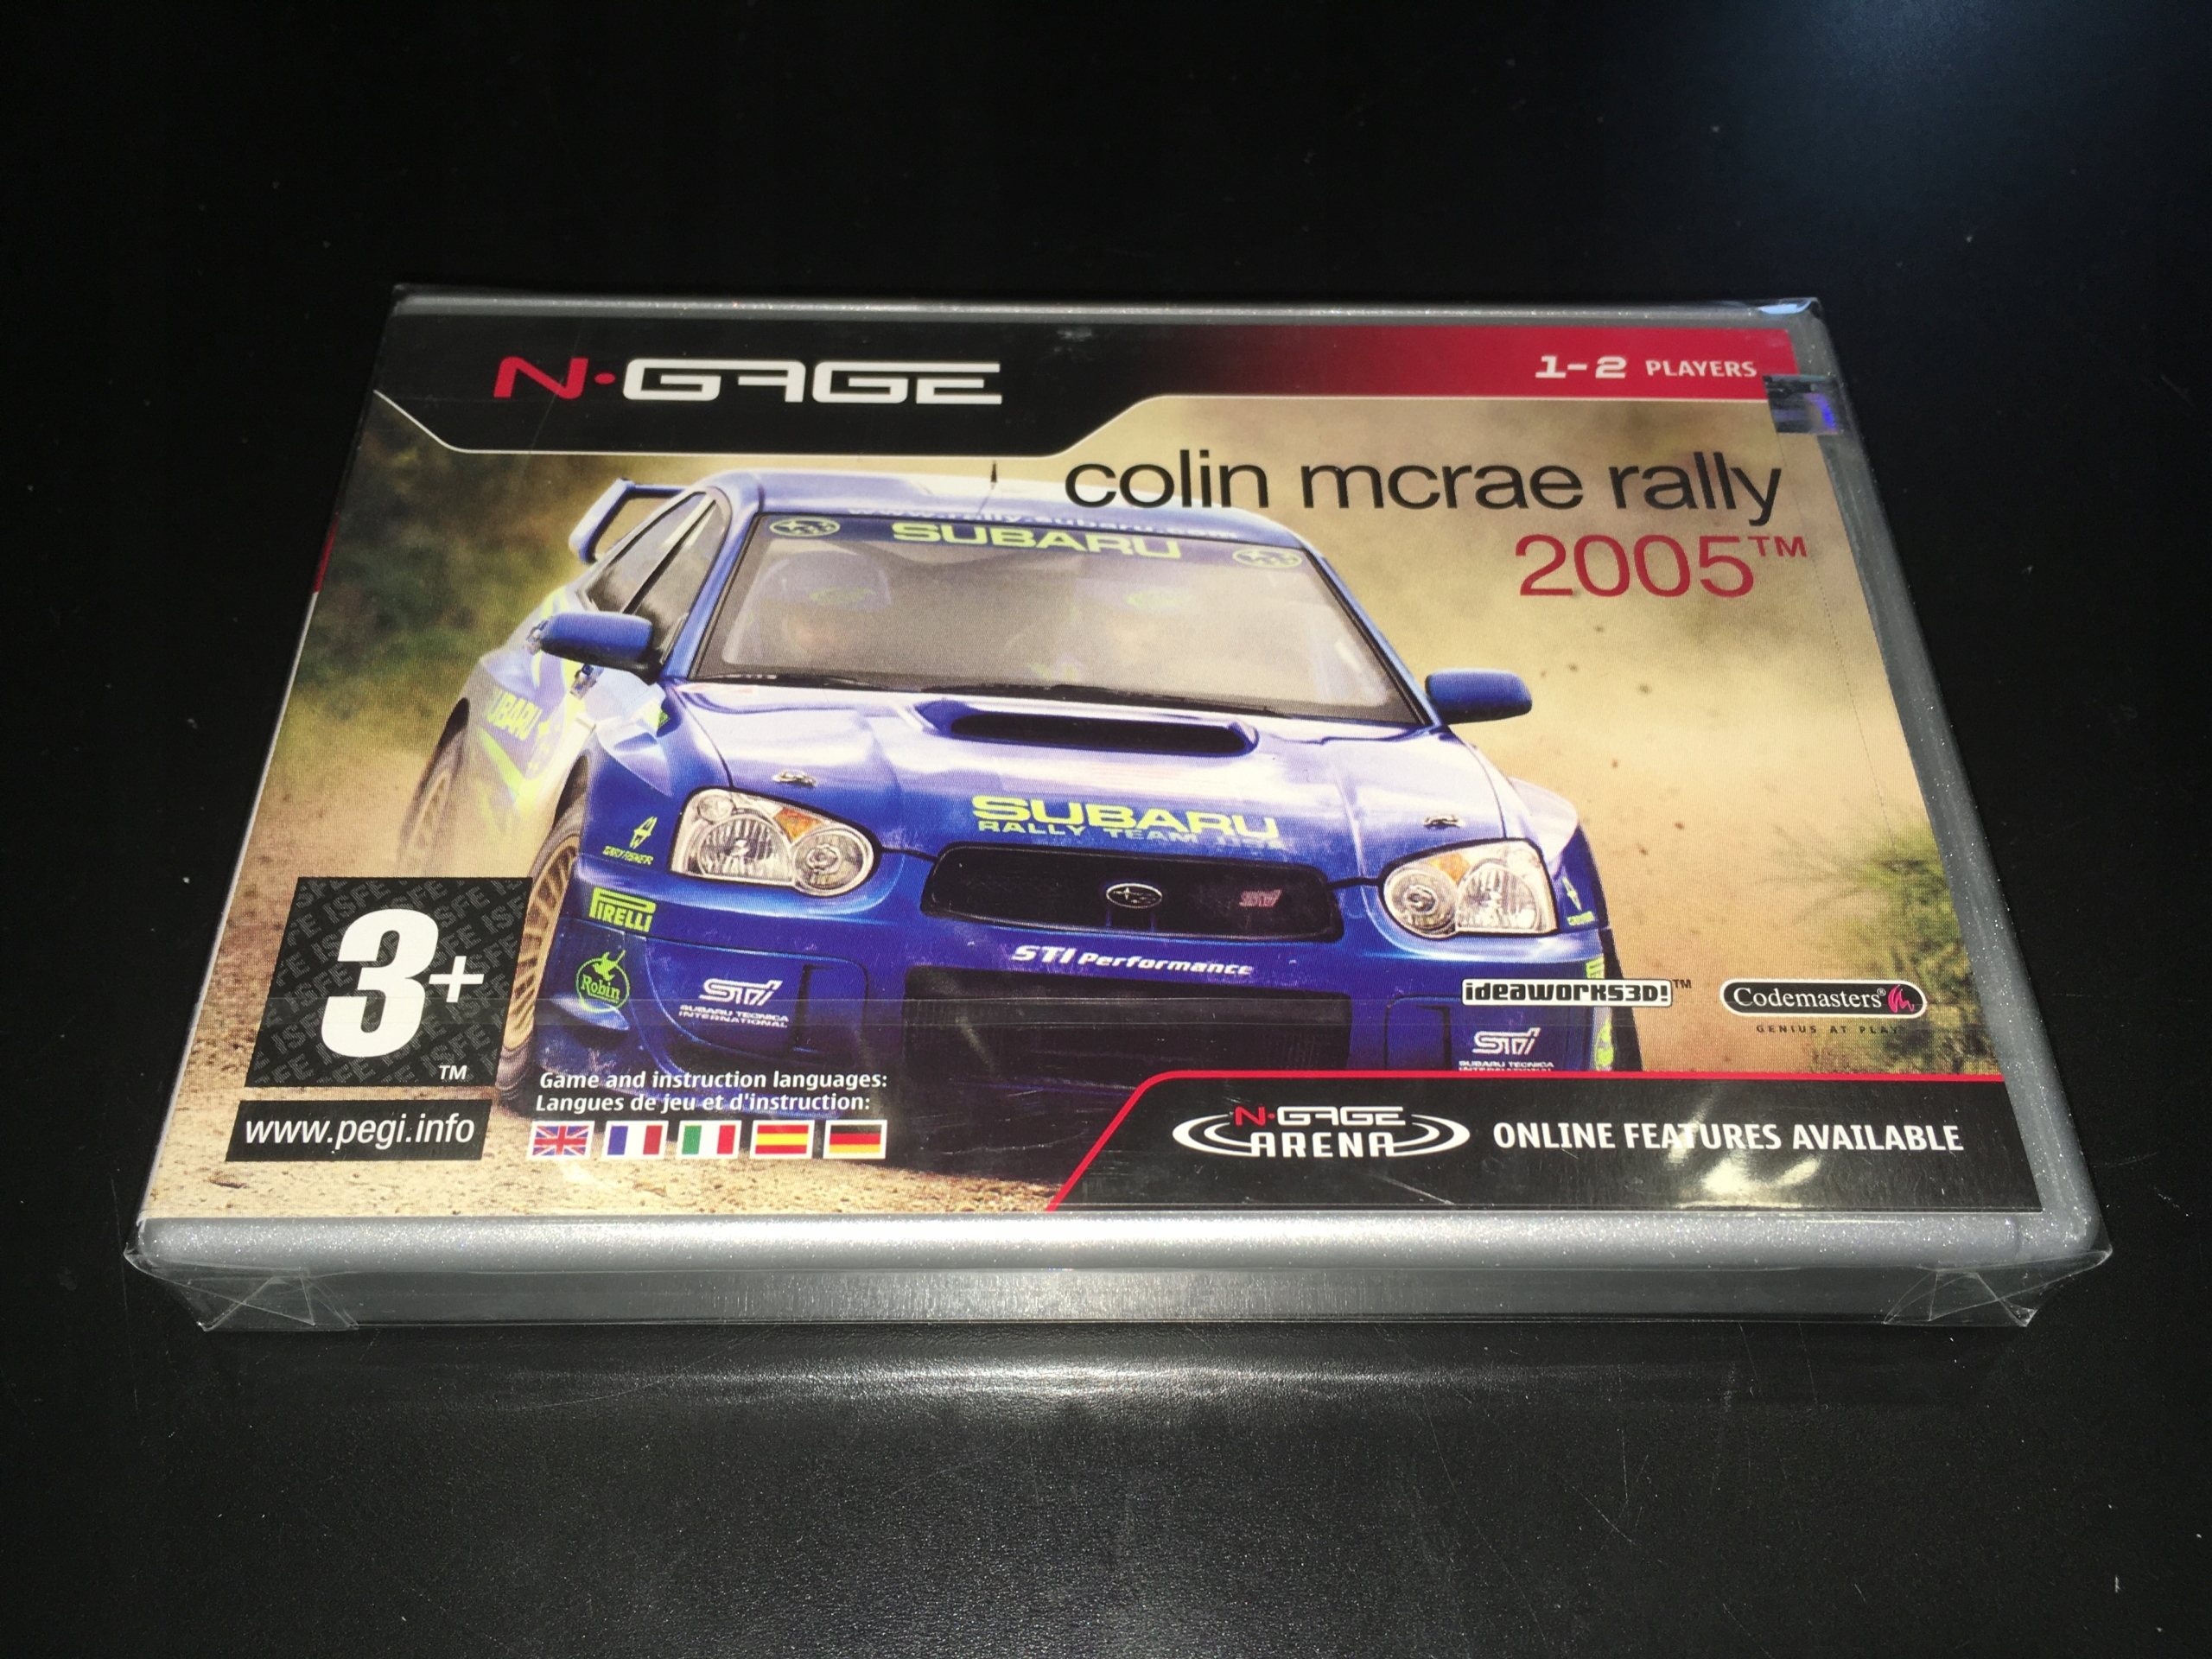 Colin Mcrae Rally 2005 / Nokia N-Gage